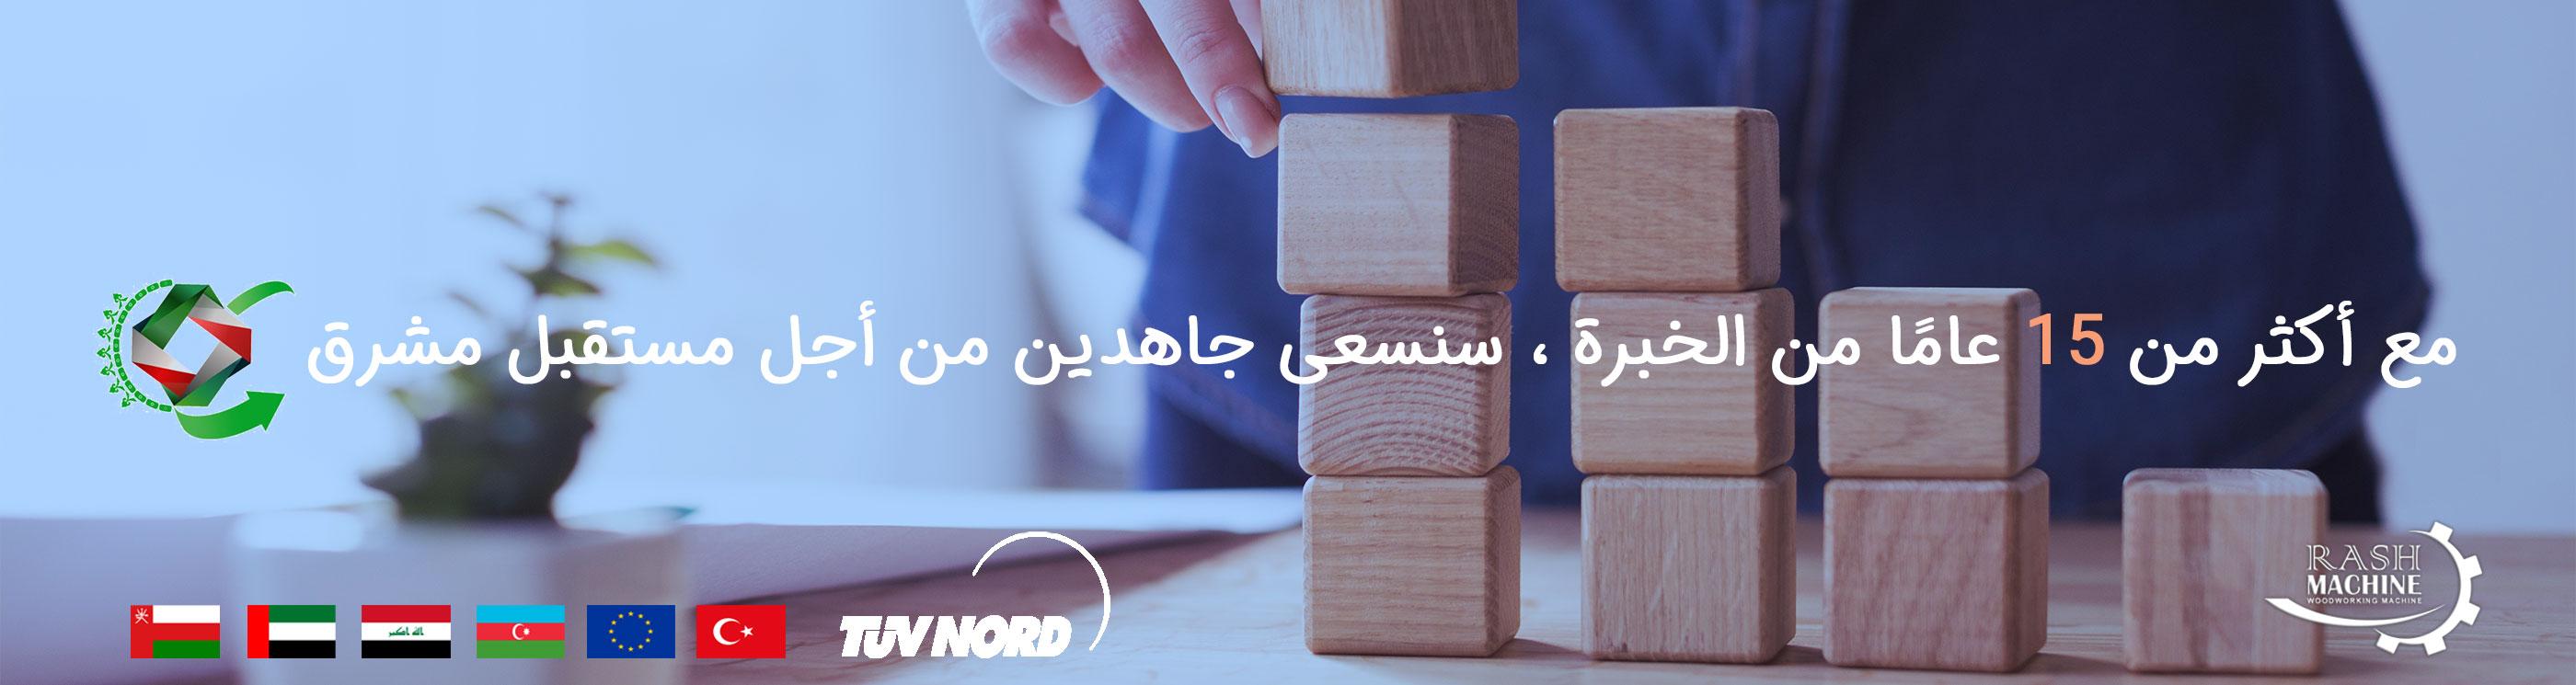 آینده (عربی)